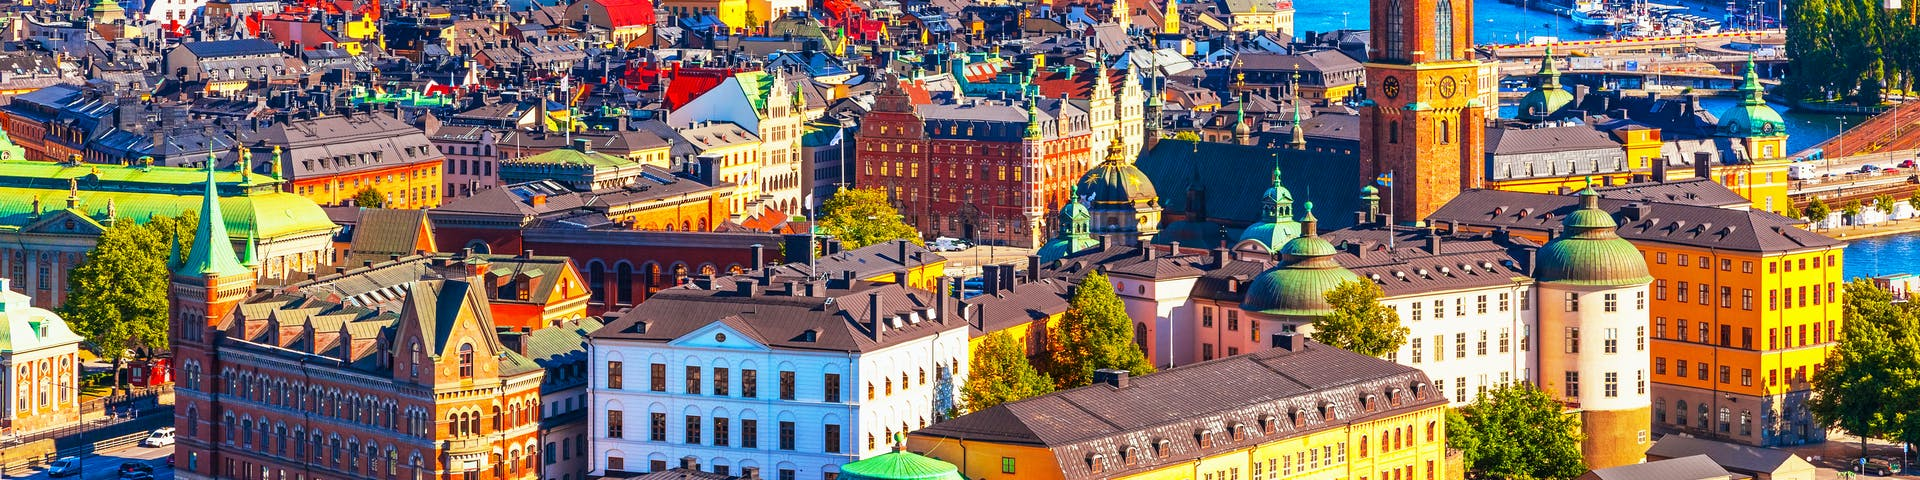 How to Get a Student Visa for Sweden - MastersPortal com